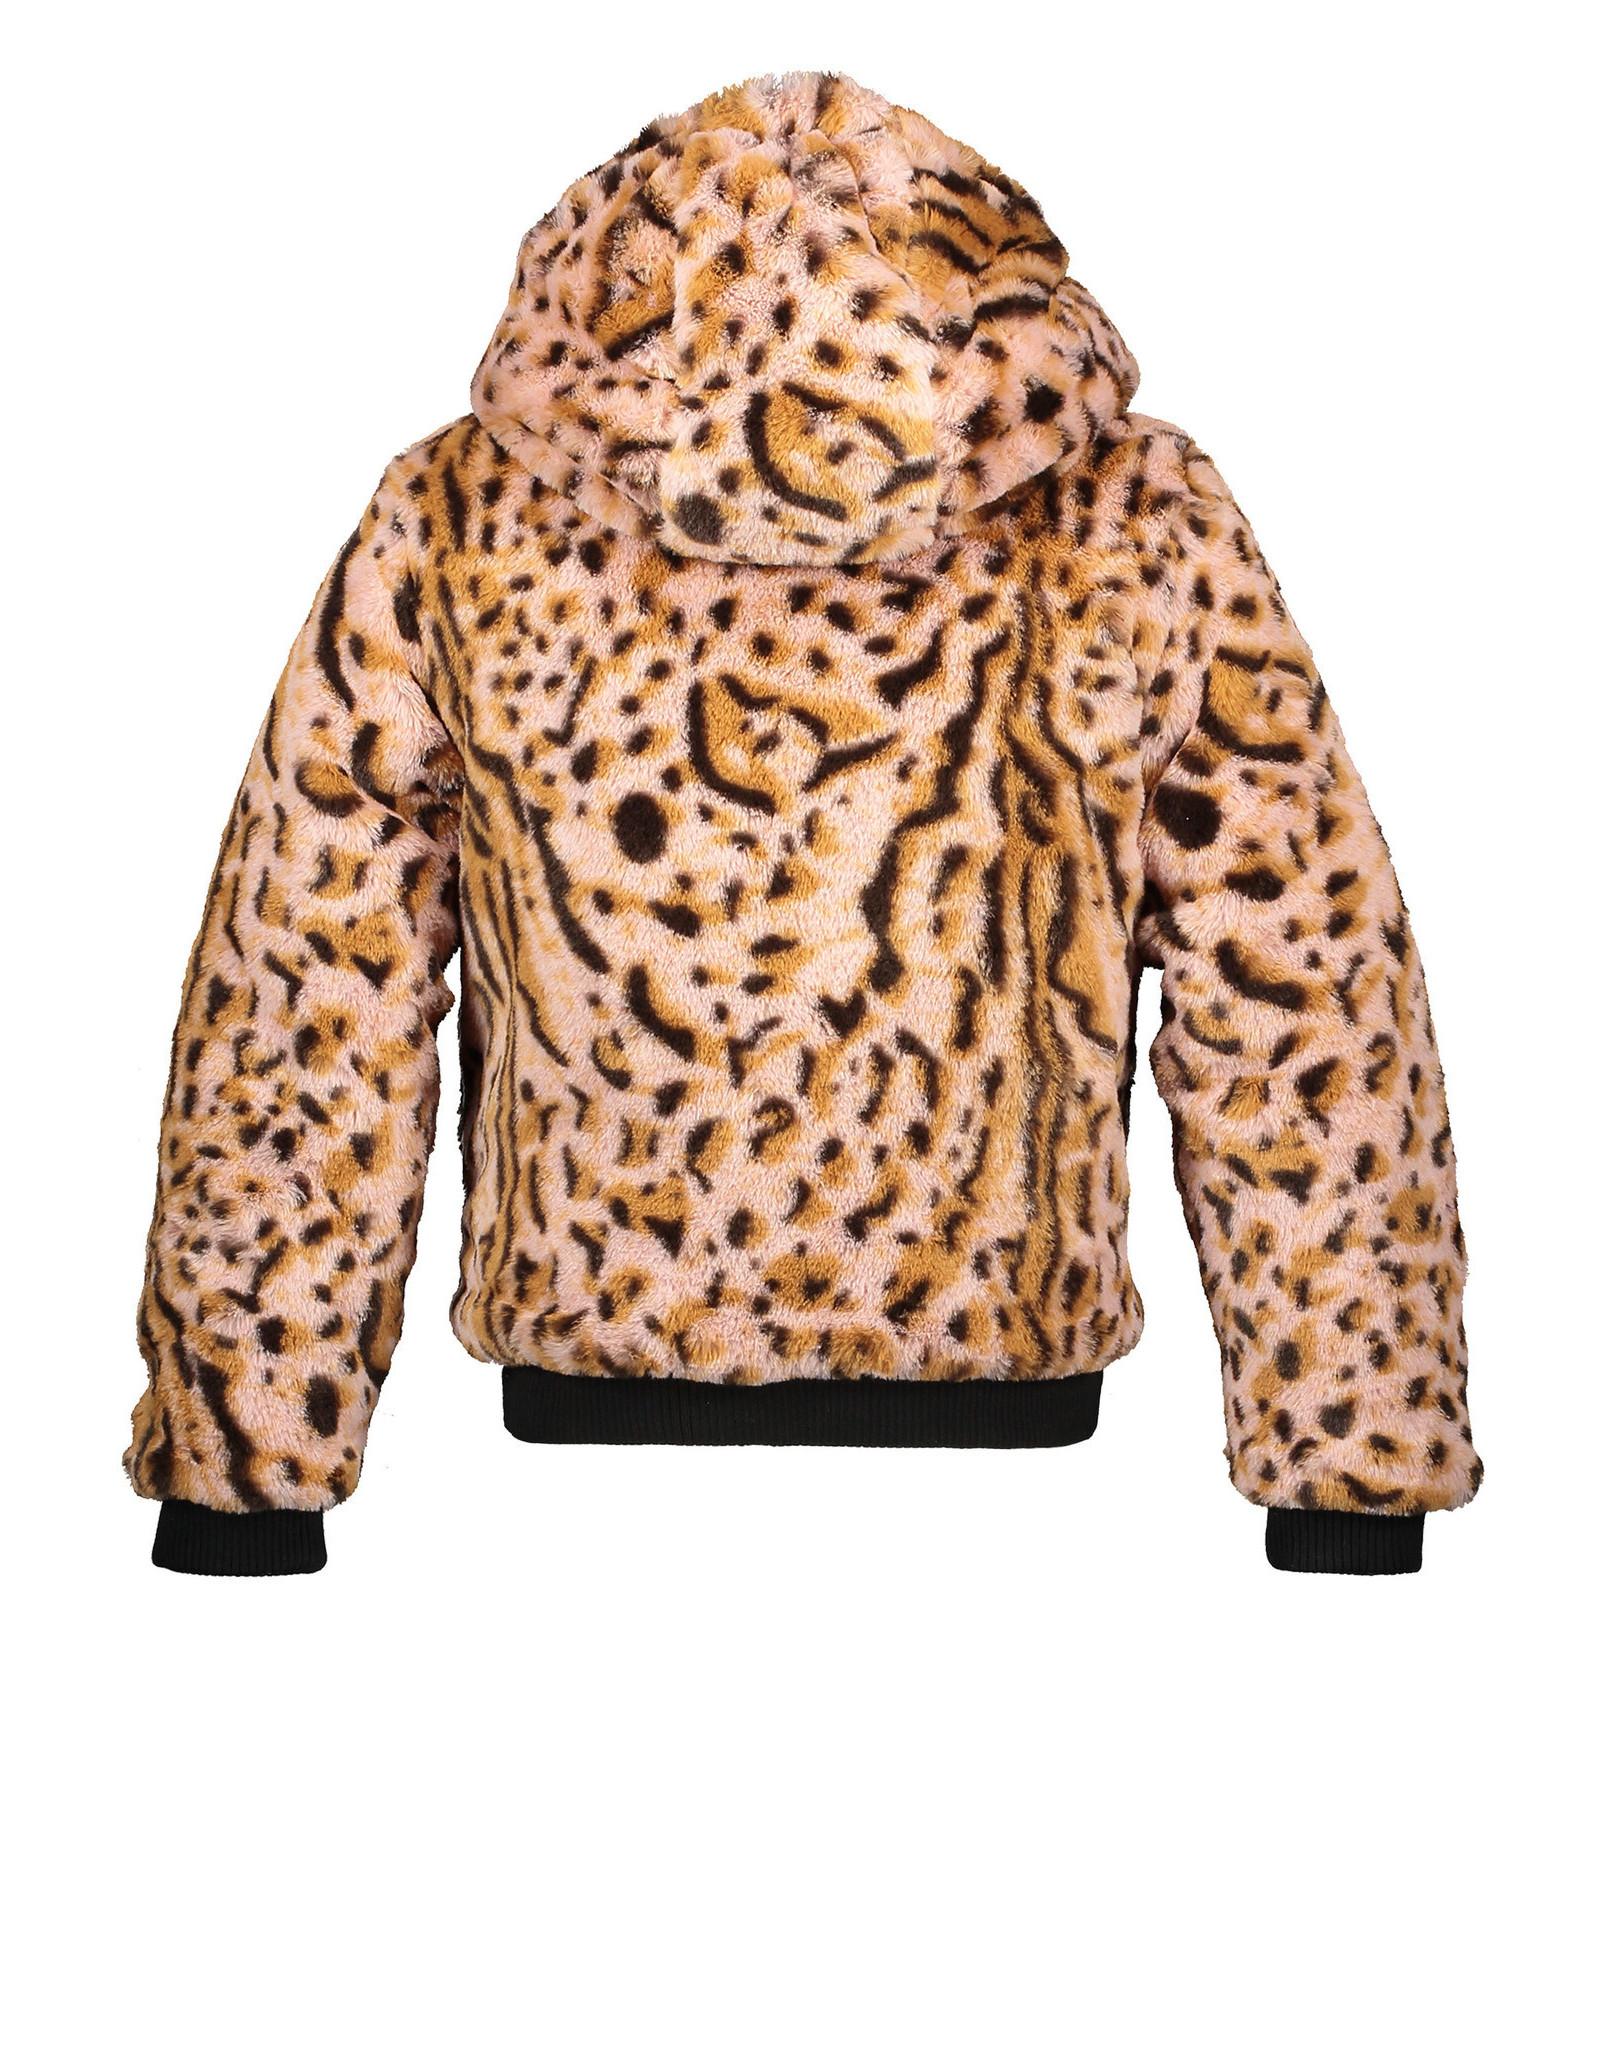 Moodstreet Metallic Jacket fancy fur light pink